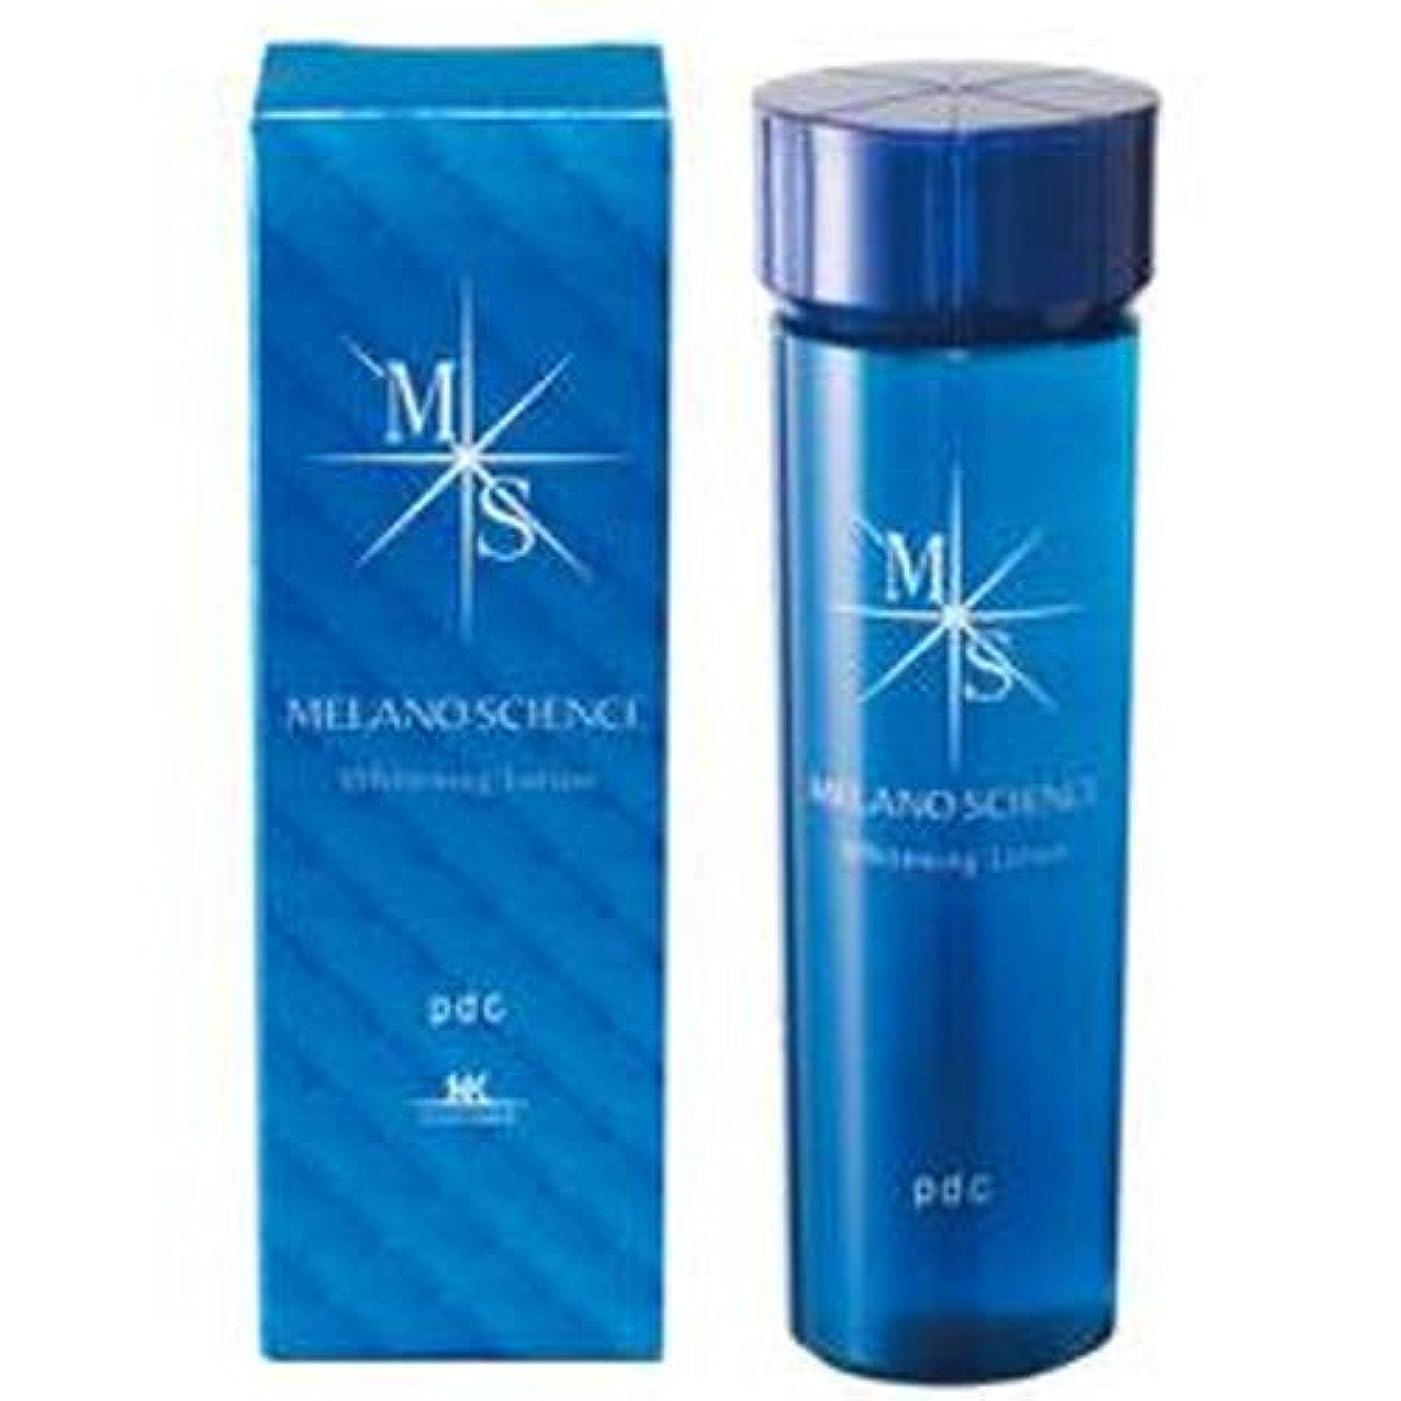 自分のために勇気のある突っ込むMK メラノサイエンス MELANOSCIENCE ホワイトニングローション 150ml 集中美白 アルブチン 化粧水